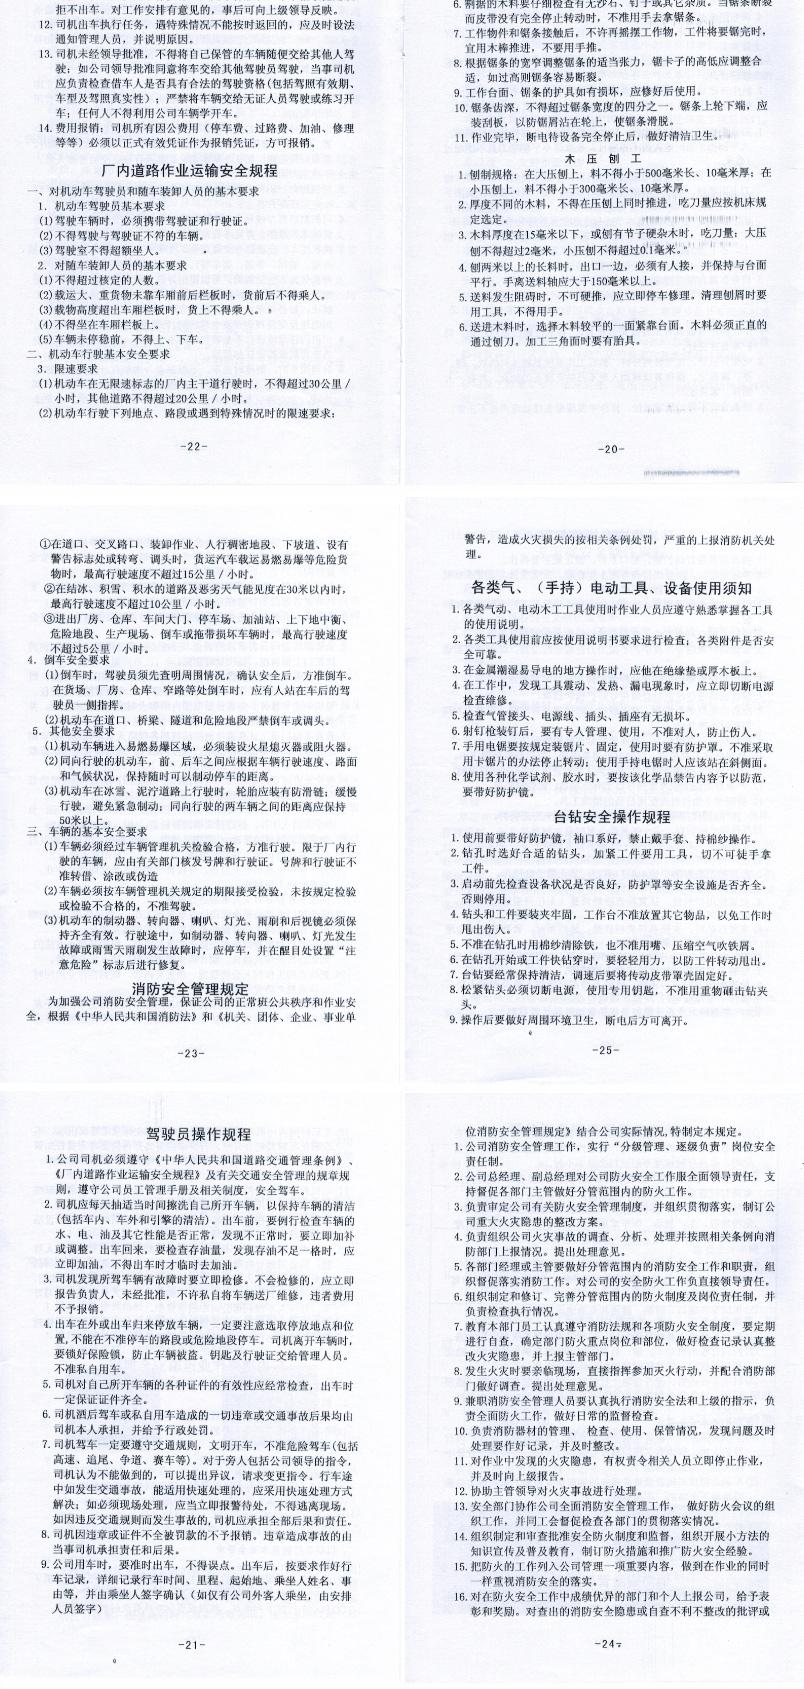 安全手册-安达利机电bob手机工程有限公司_05.jpg